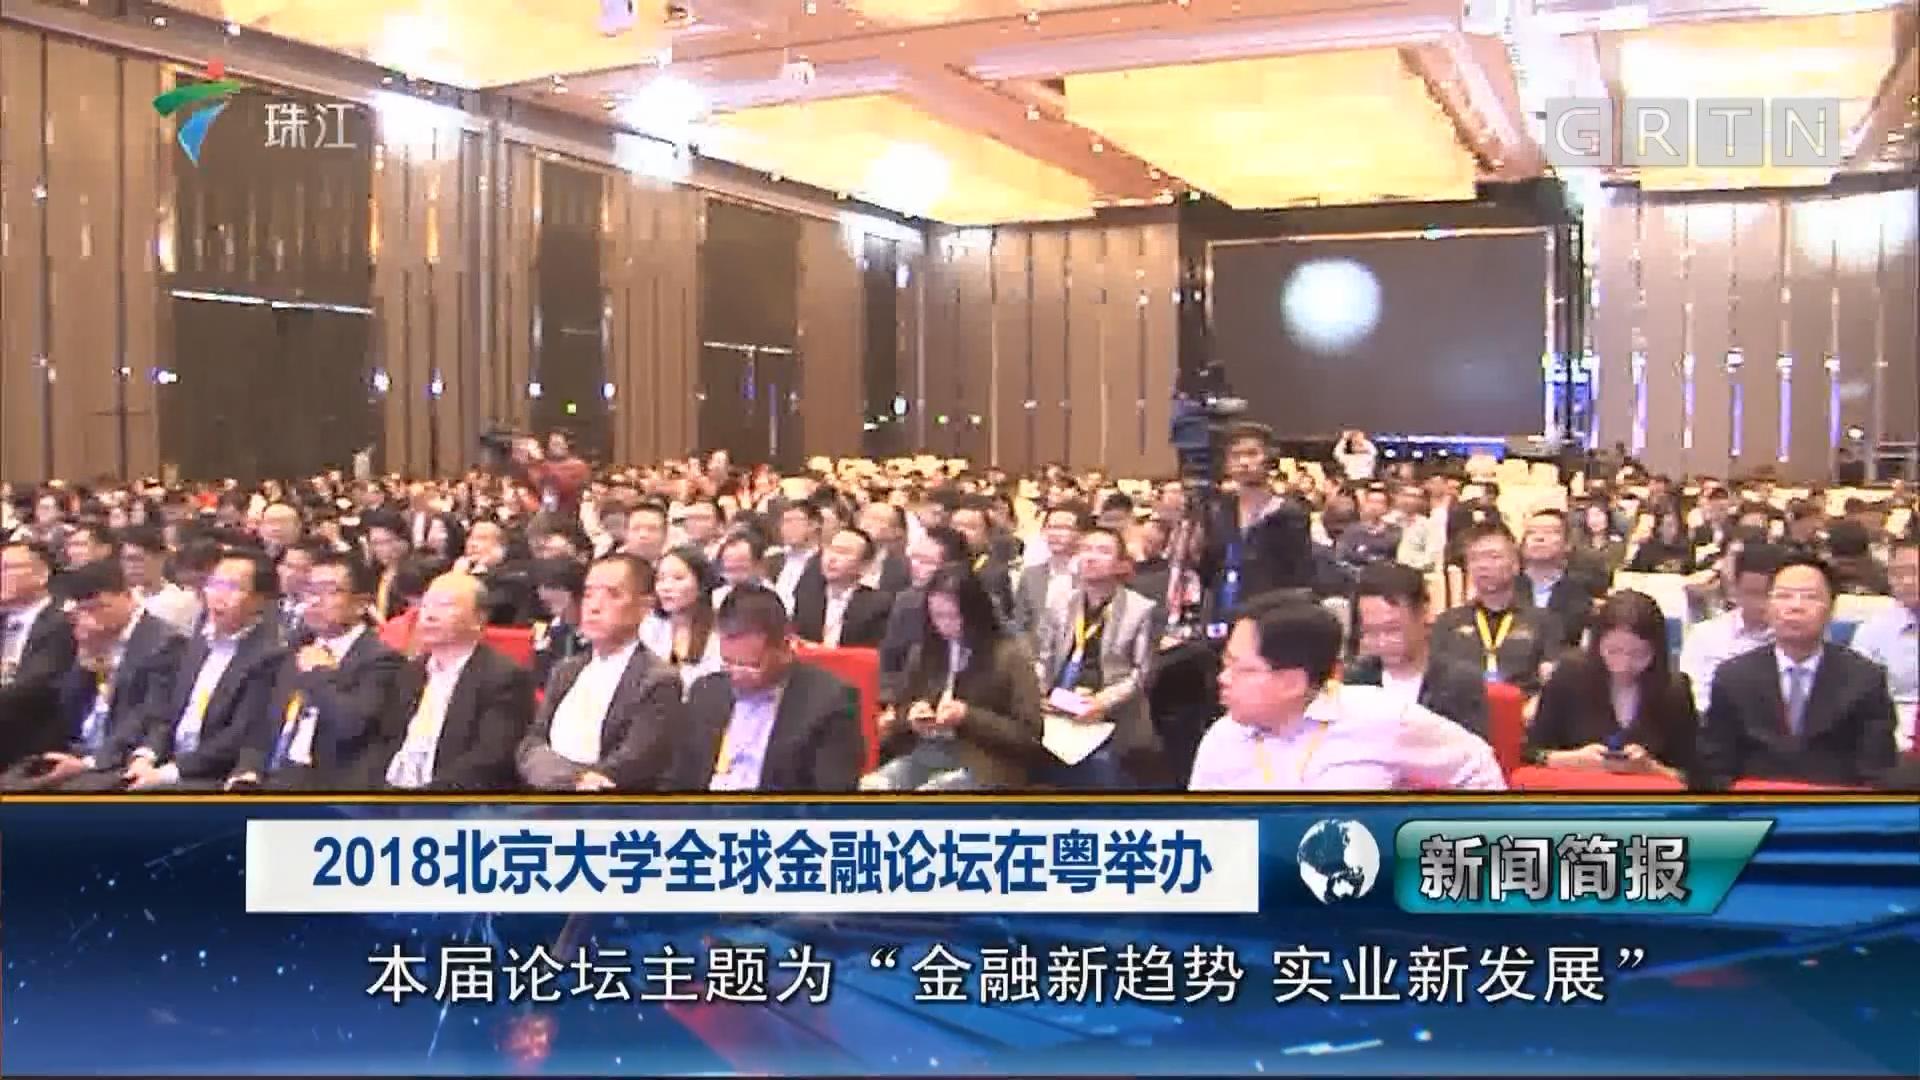 2018北京大学全球金融论坛在粤举办